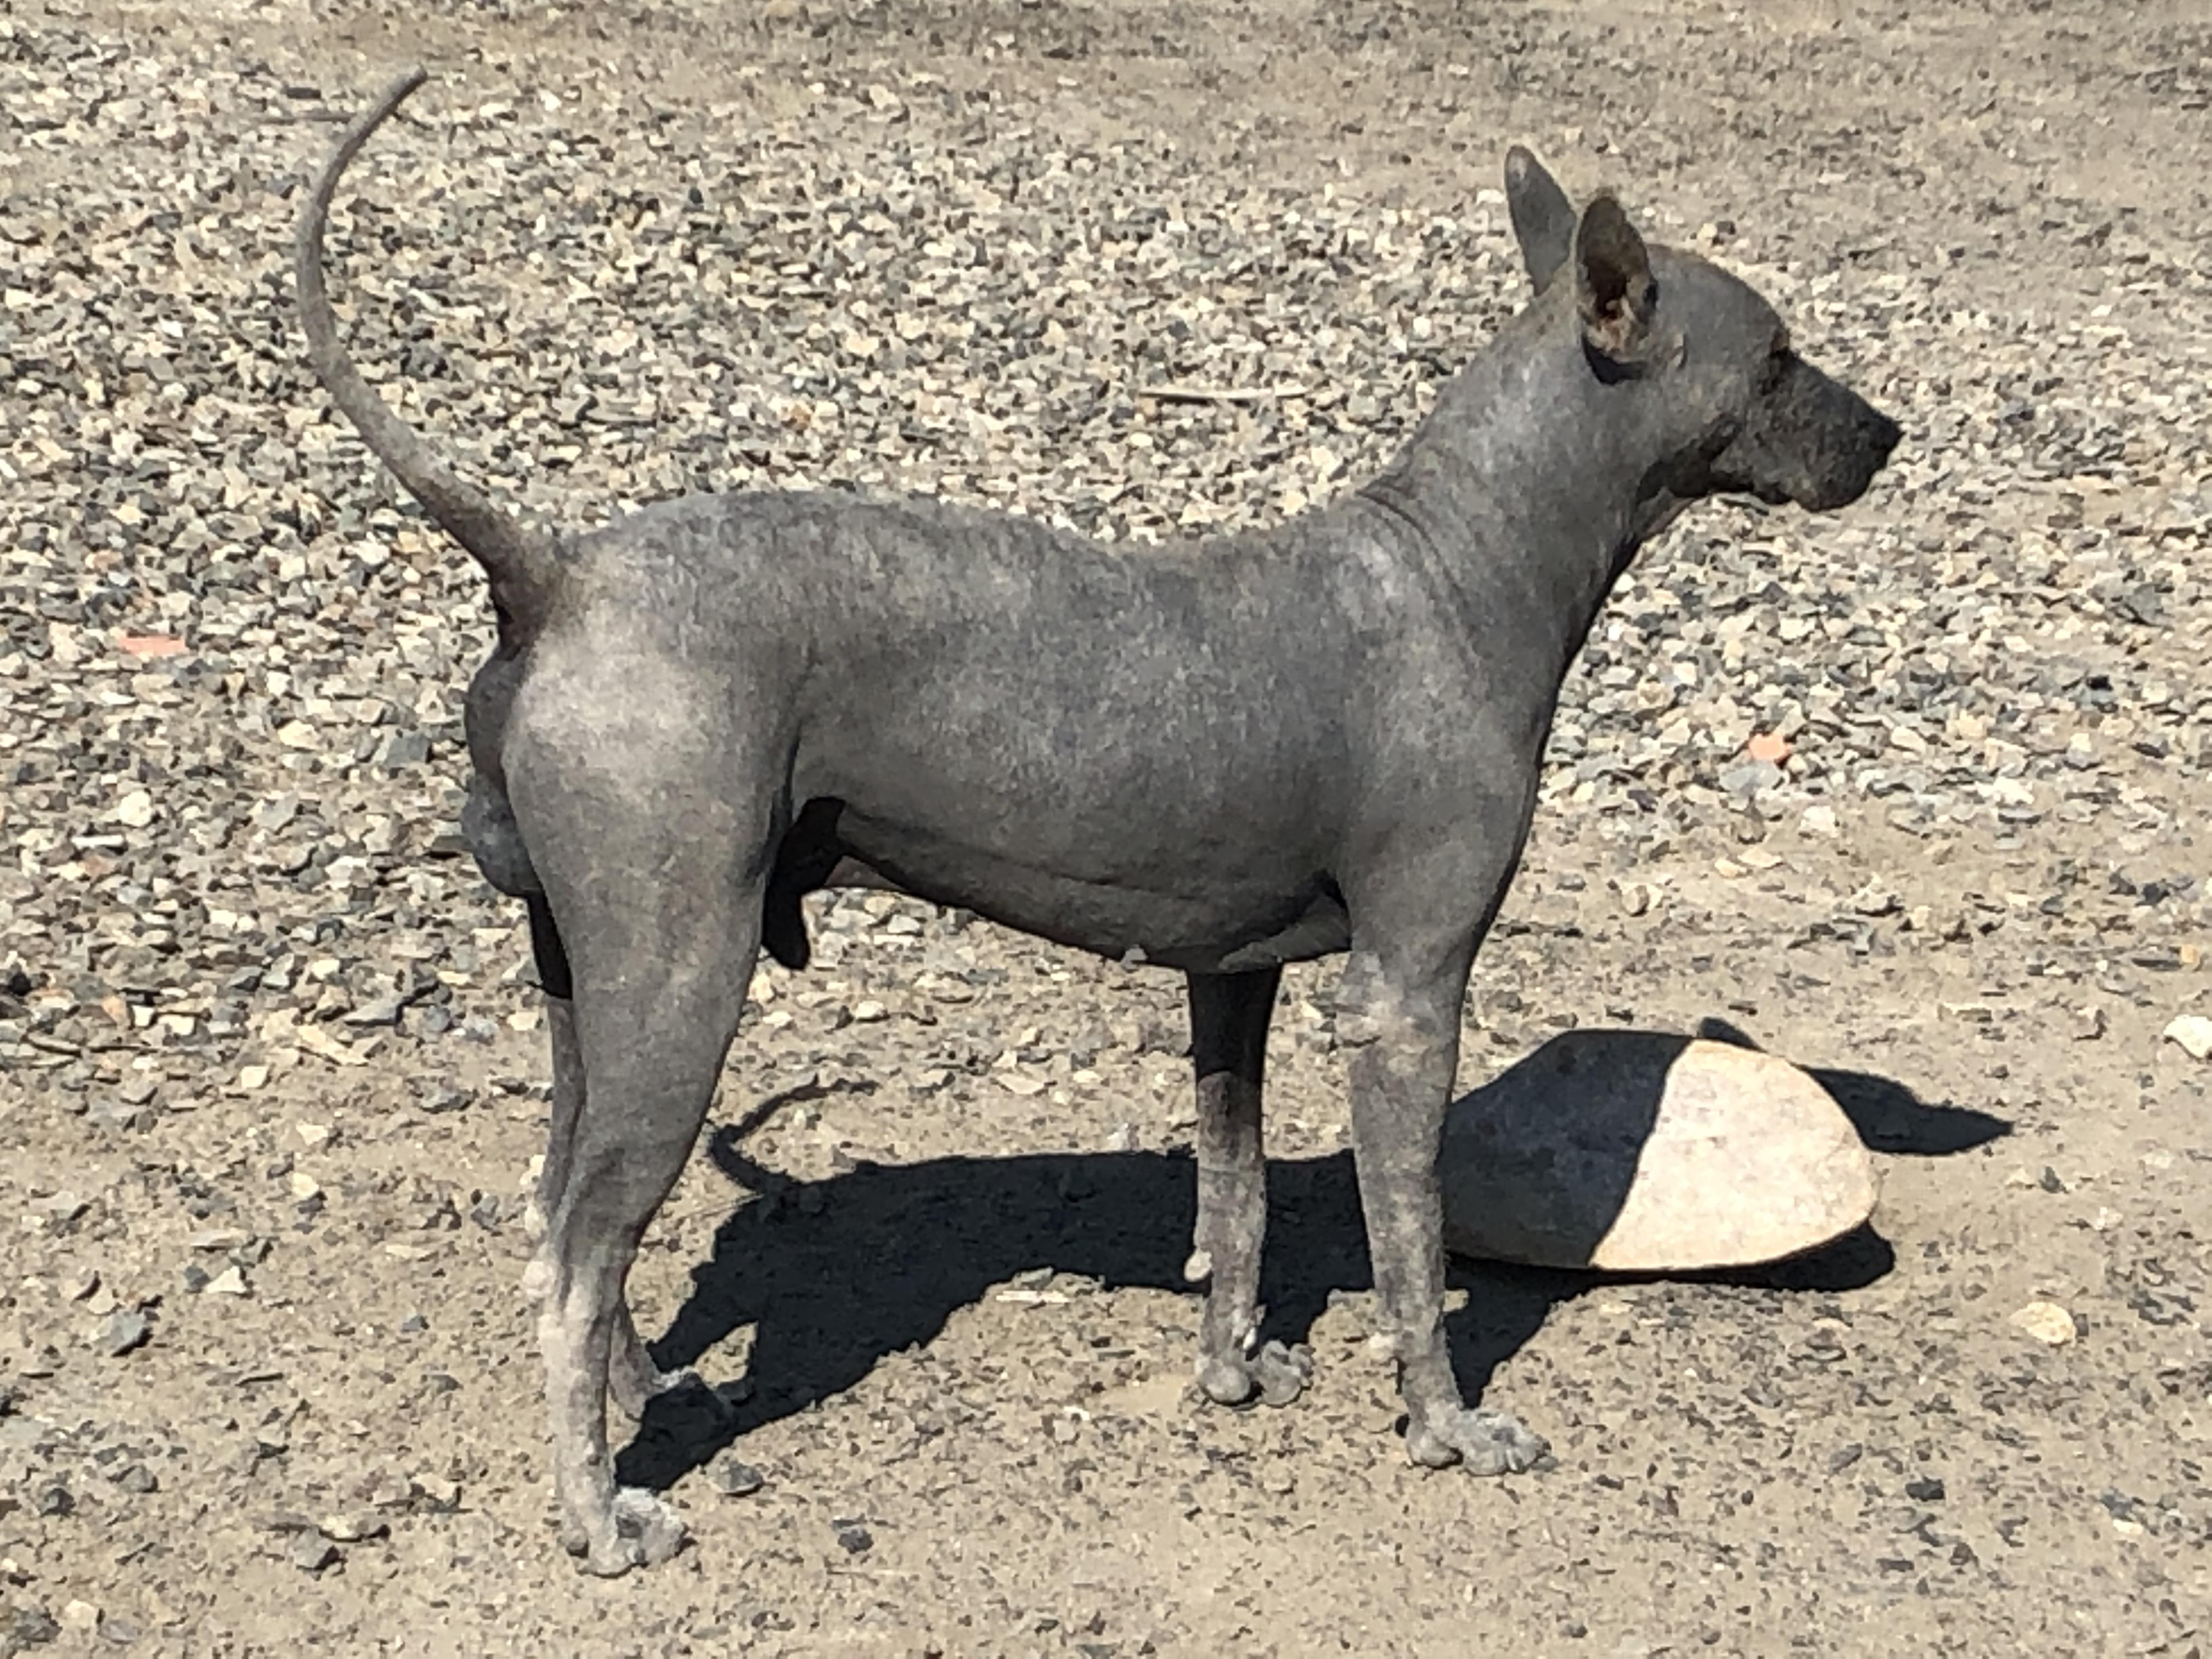 peruvianhairlessdog.JPG